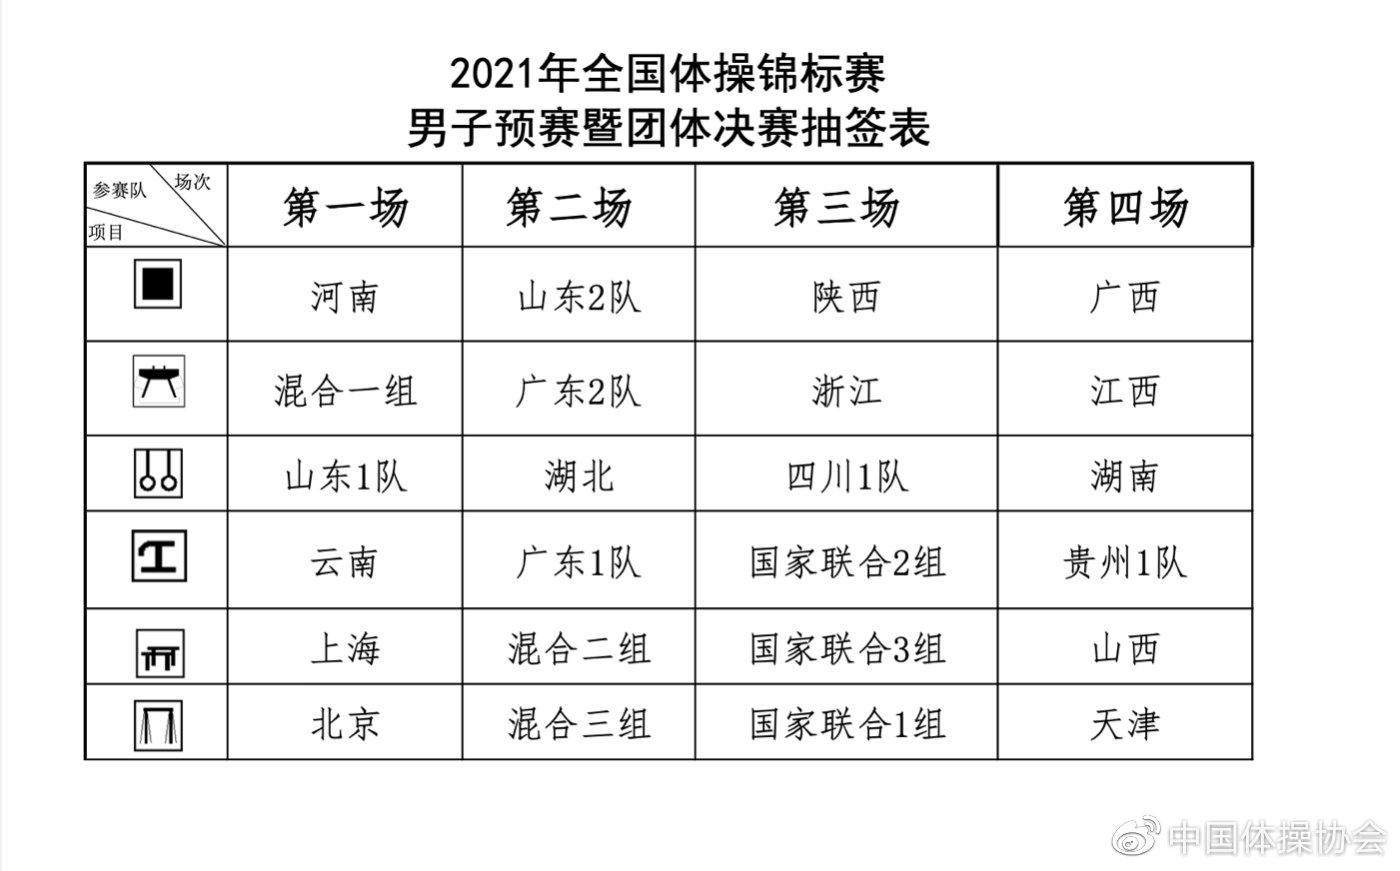 2021年全国体操锦标赛暨奥运选拔赛抽签举行